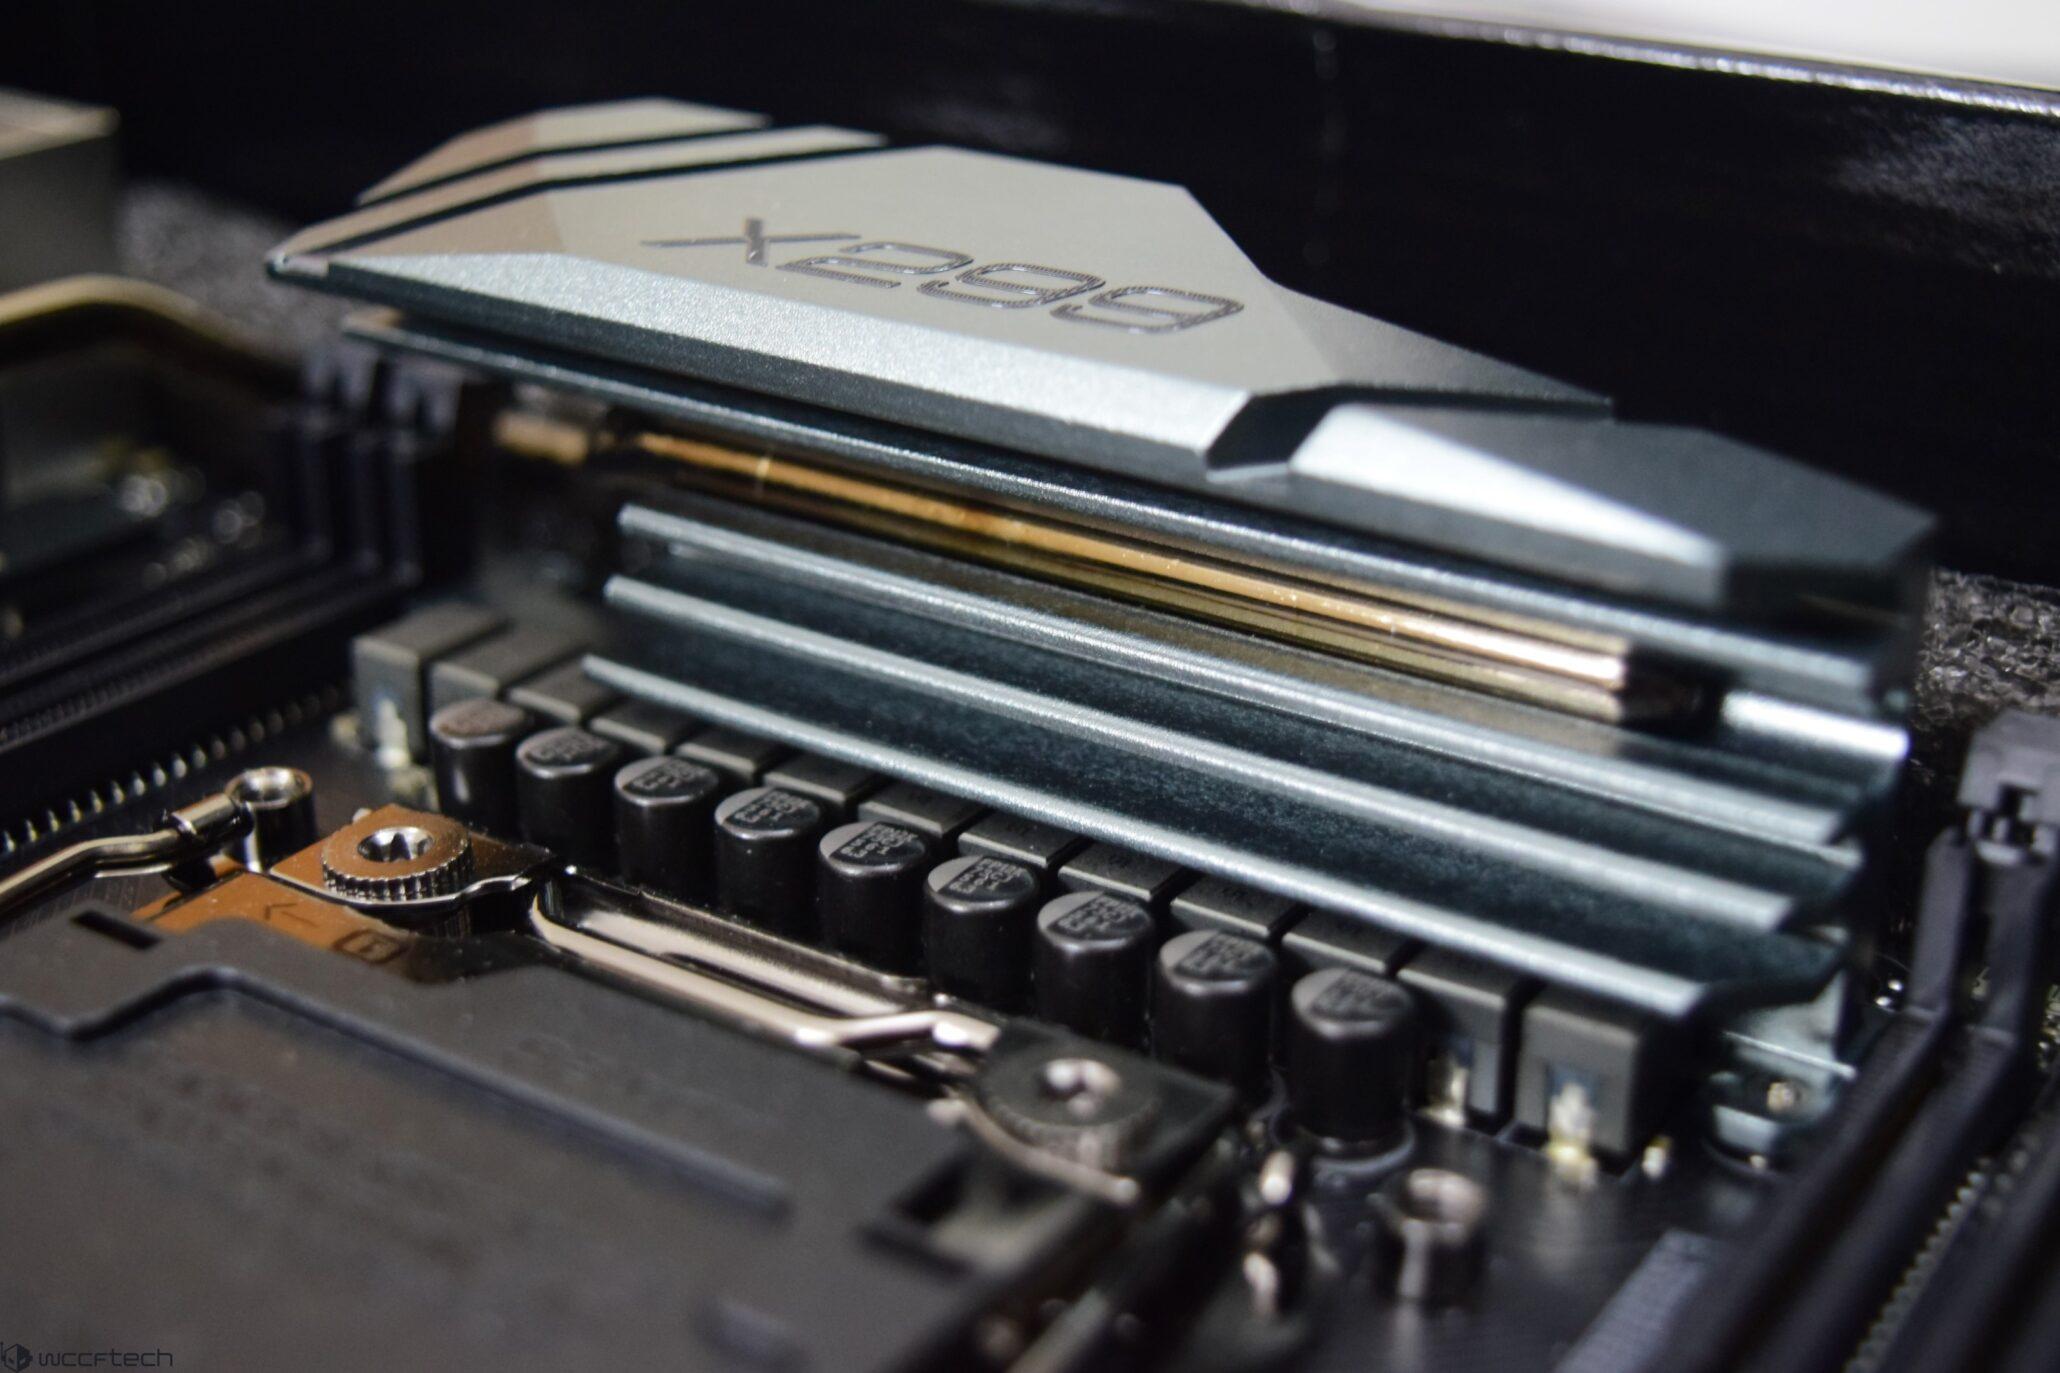 dsc_0675-custom